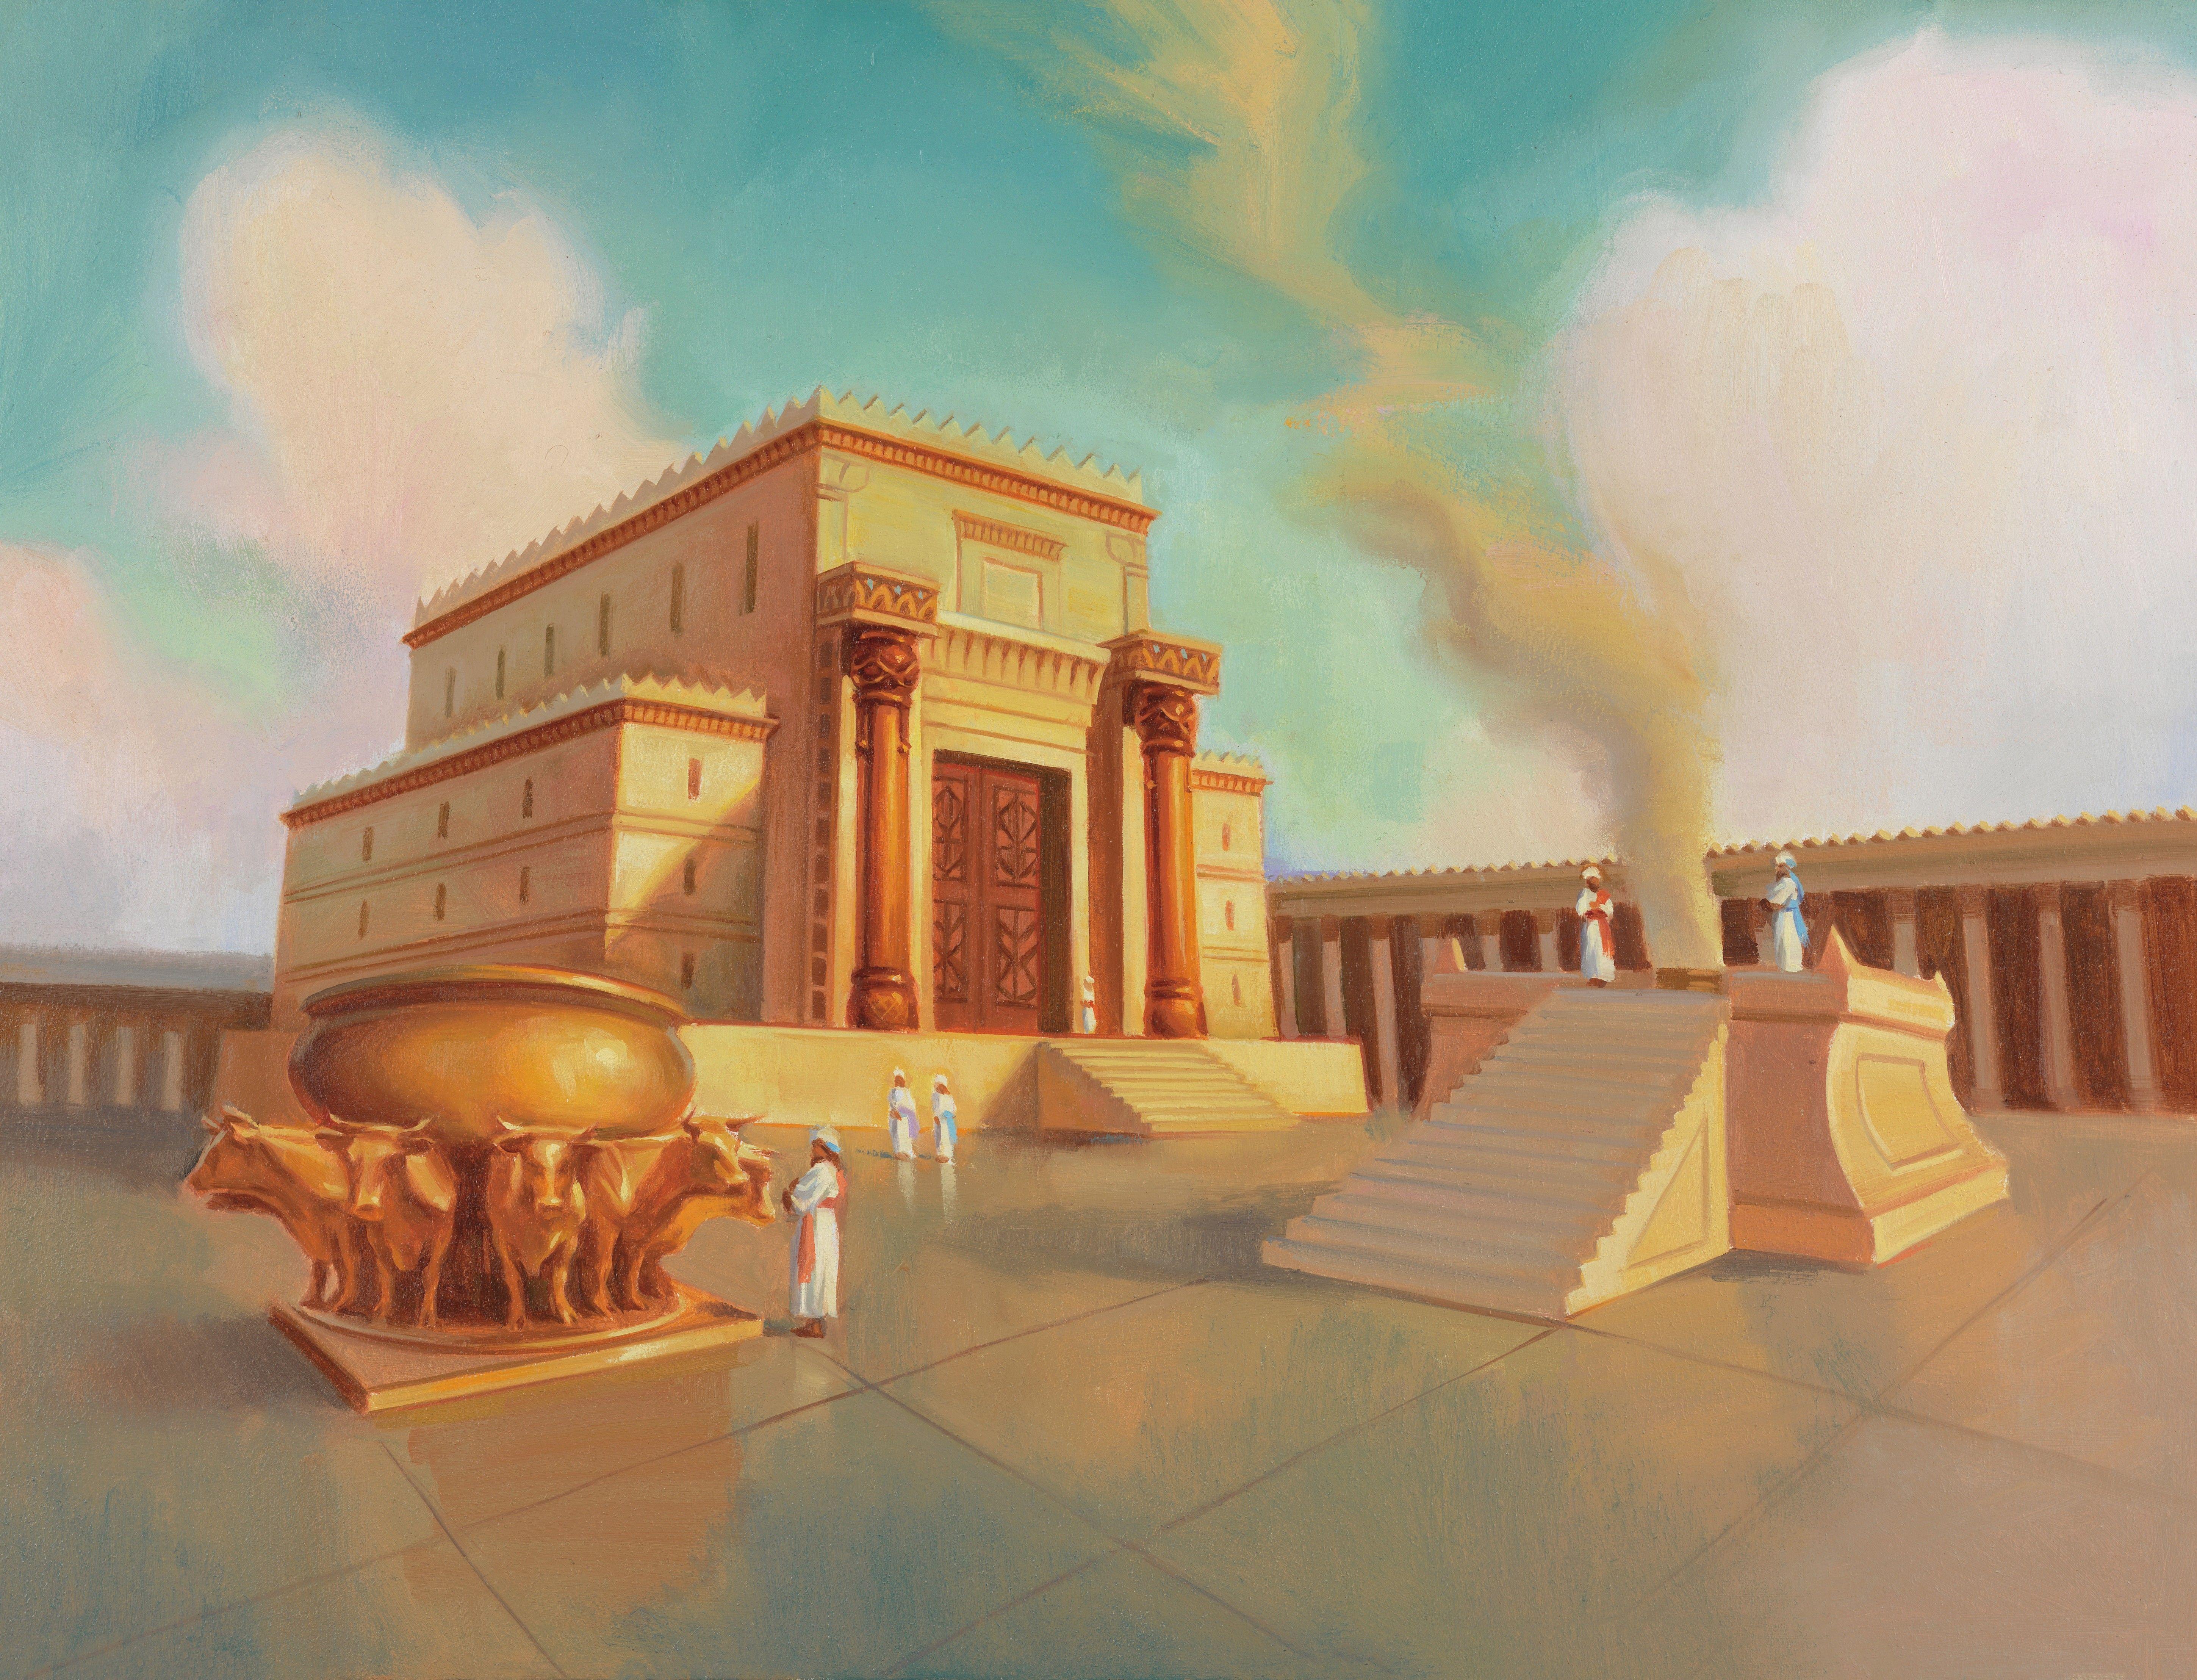 Solomon's Temple, by Sam Lawlor